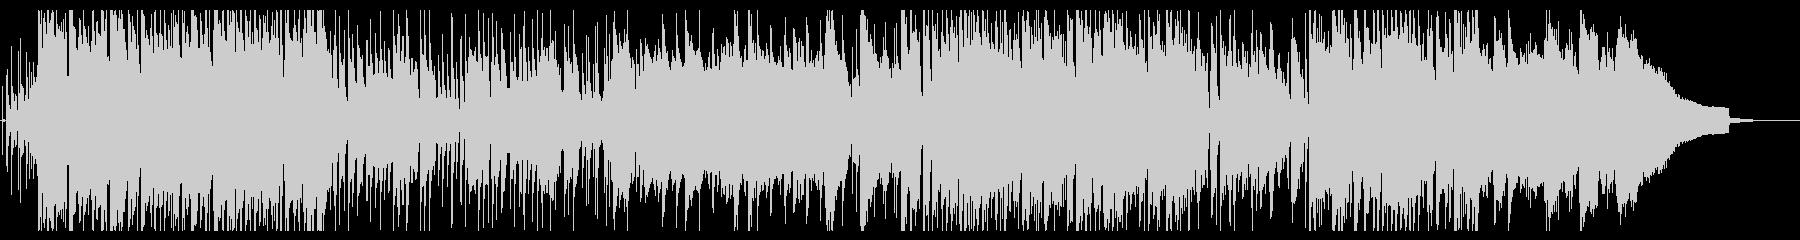 12弦アコギ入りポップでロックなサウンドの未再生の波形